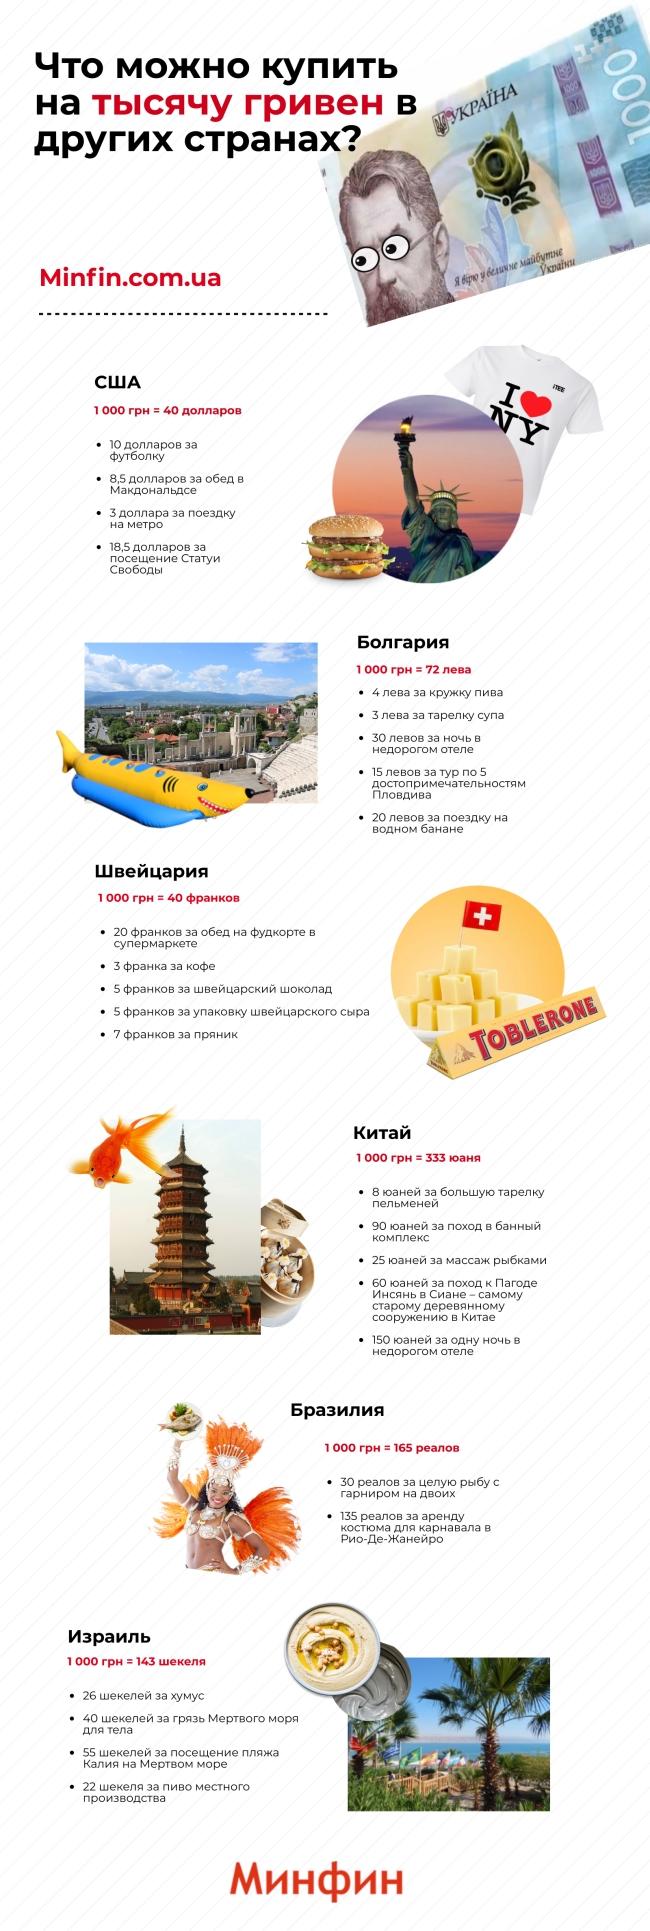 Що можна купити на 1 000 гривень в Україні та інших країнах